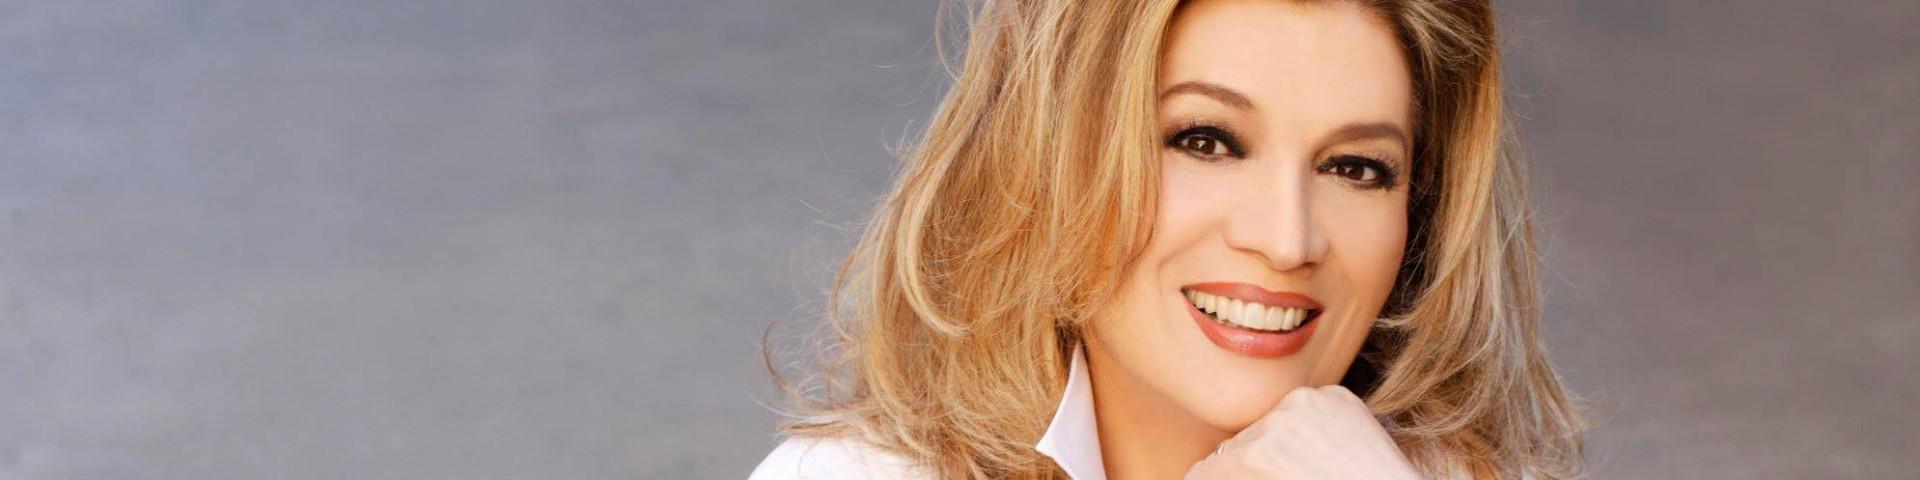 Iva Zanicchi: le 5 canzoni più famose (Video)